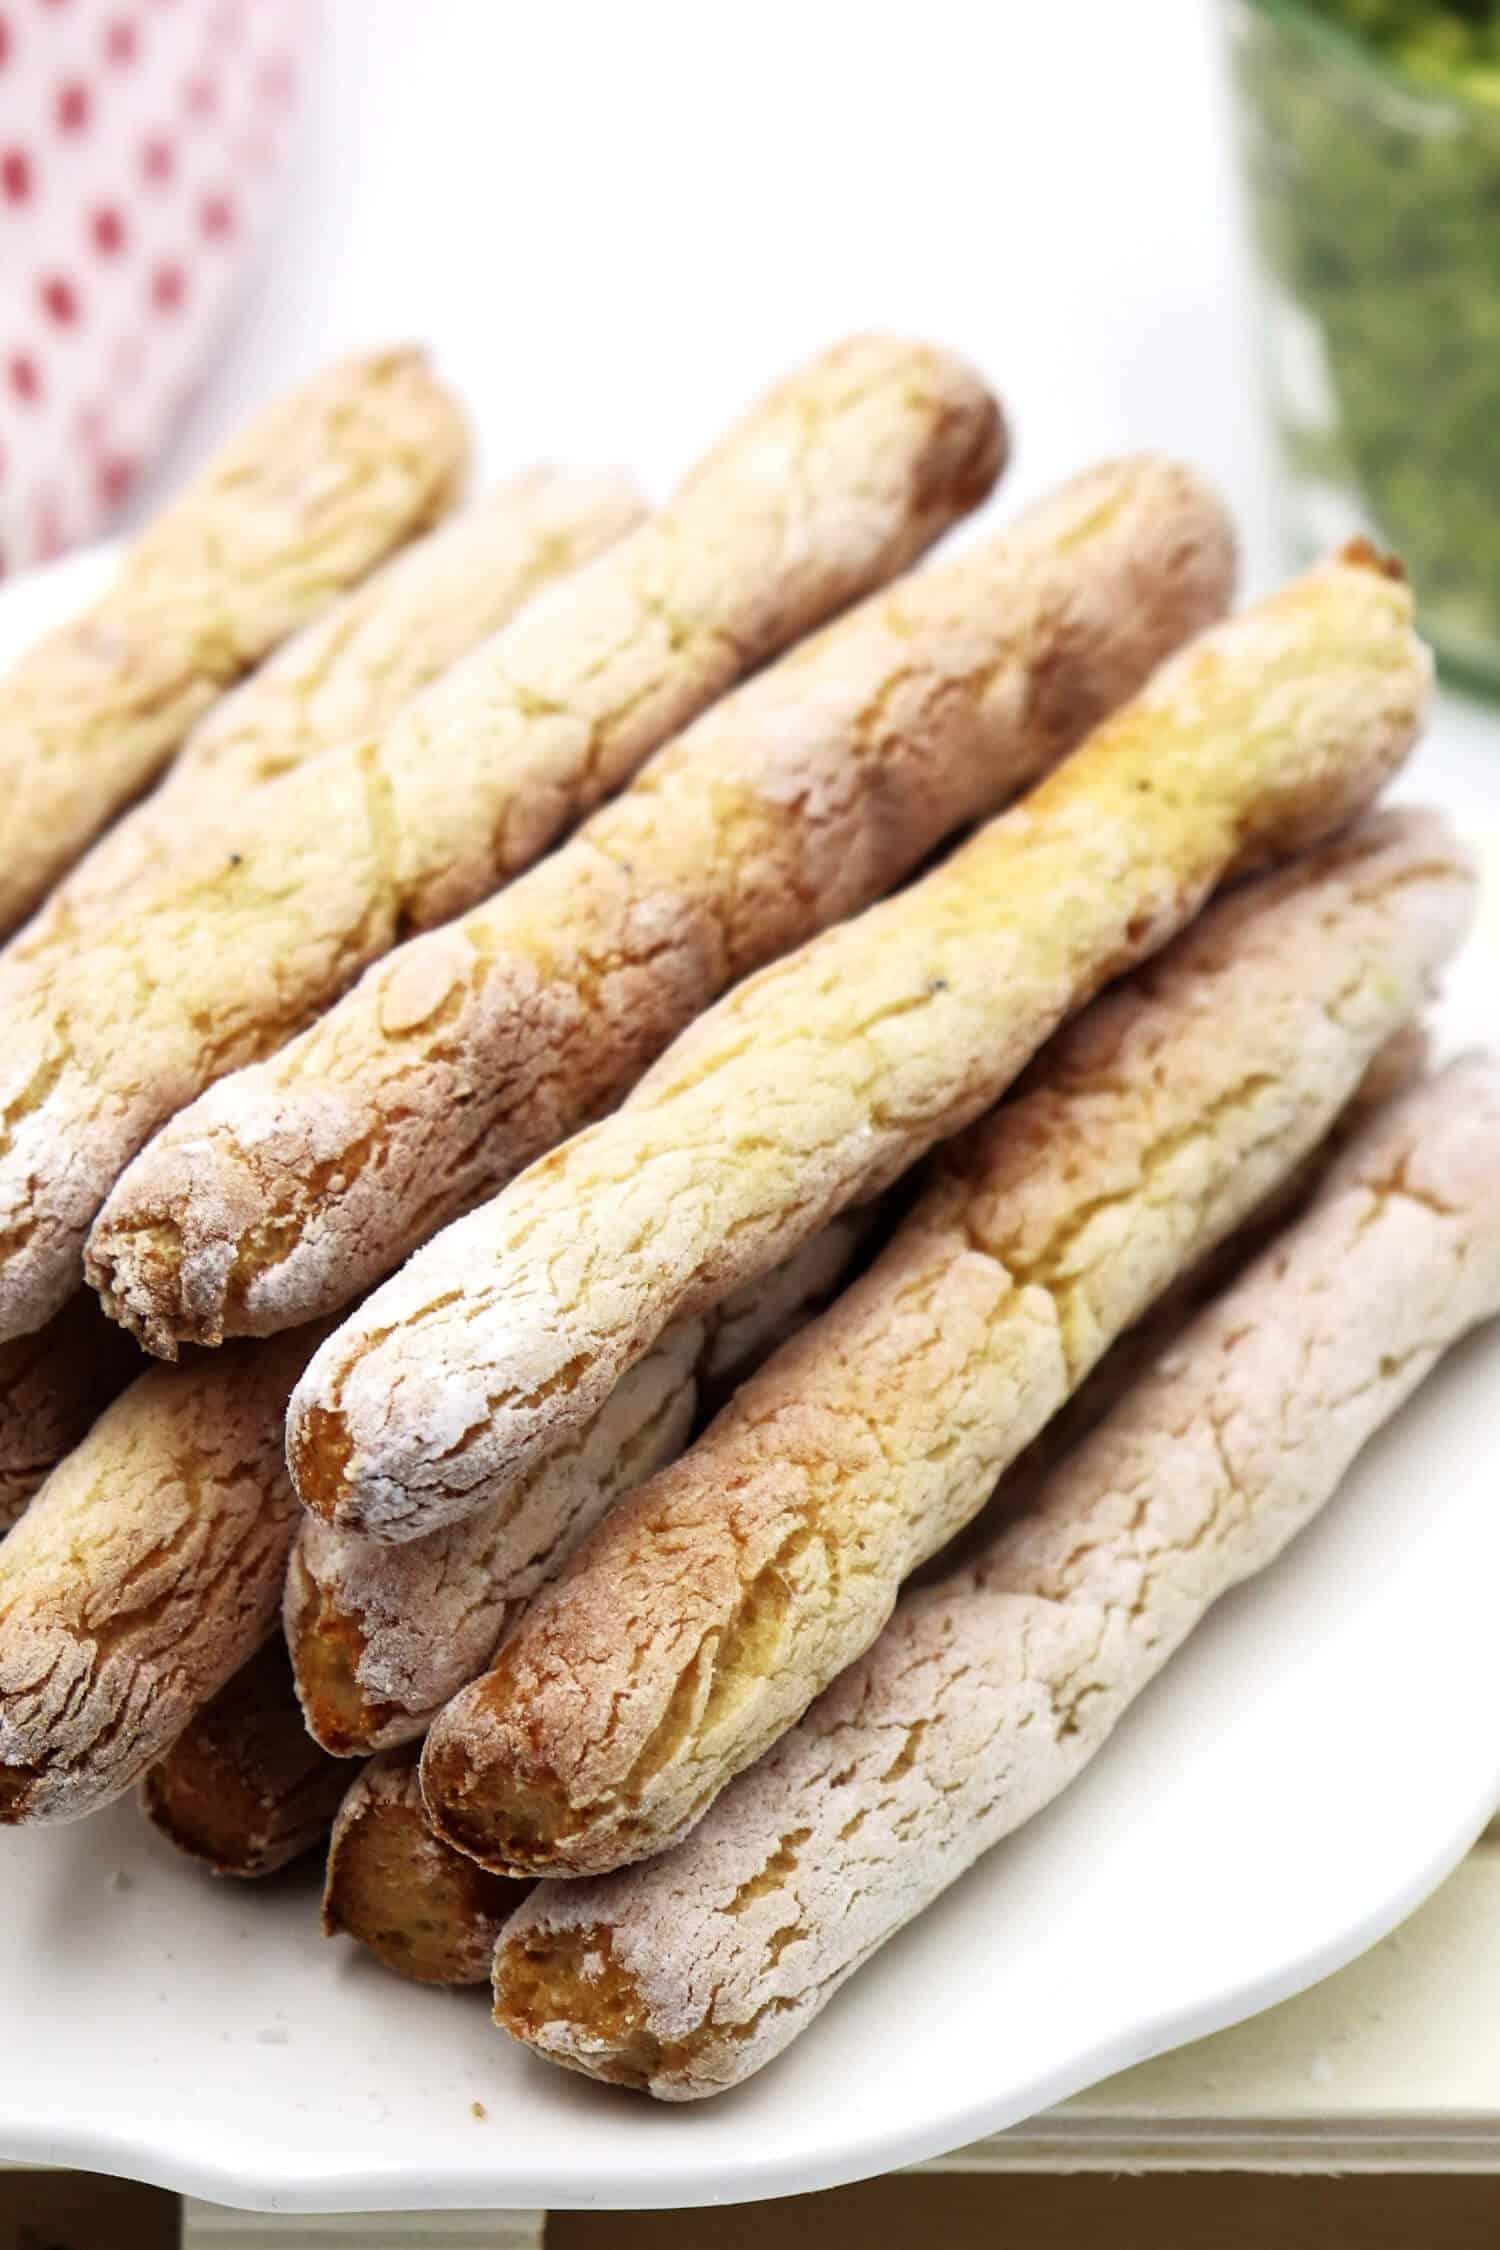 Rezept für Low Carb Brotsticks, die sich perfekt zum dippen und als Beilage zum Grillen eignen.